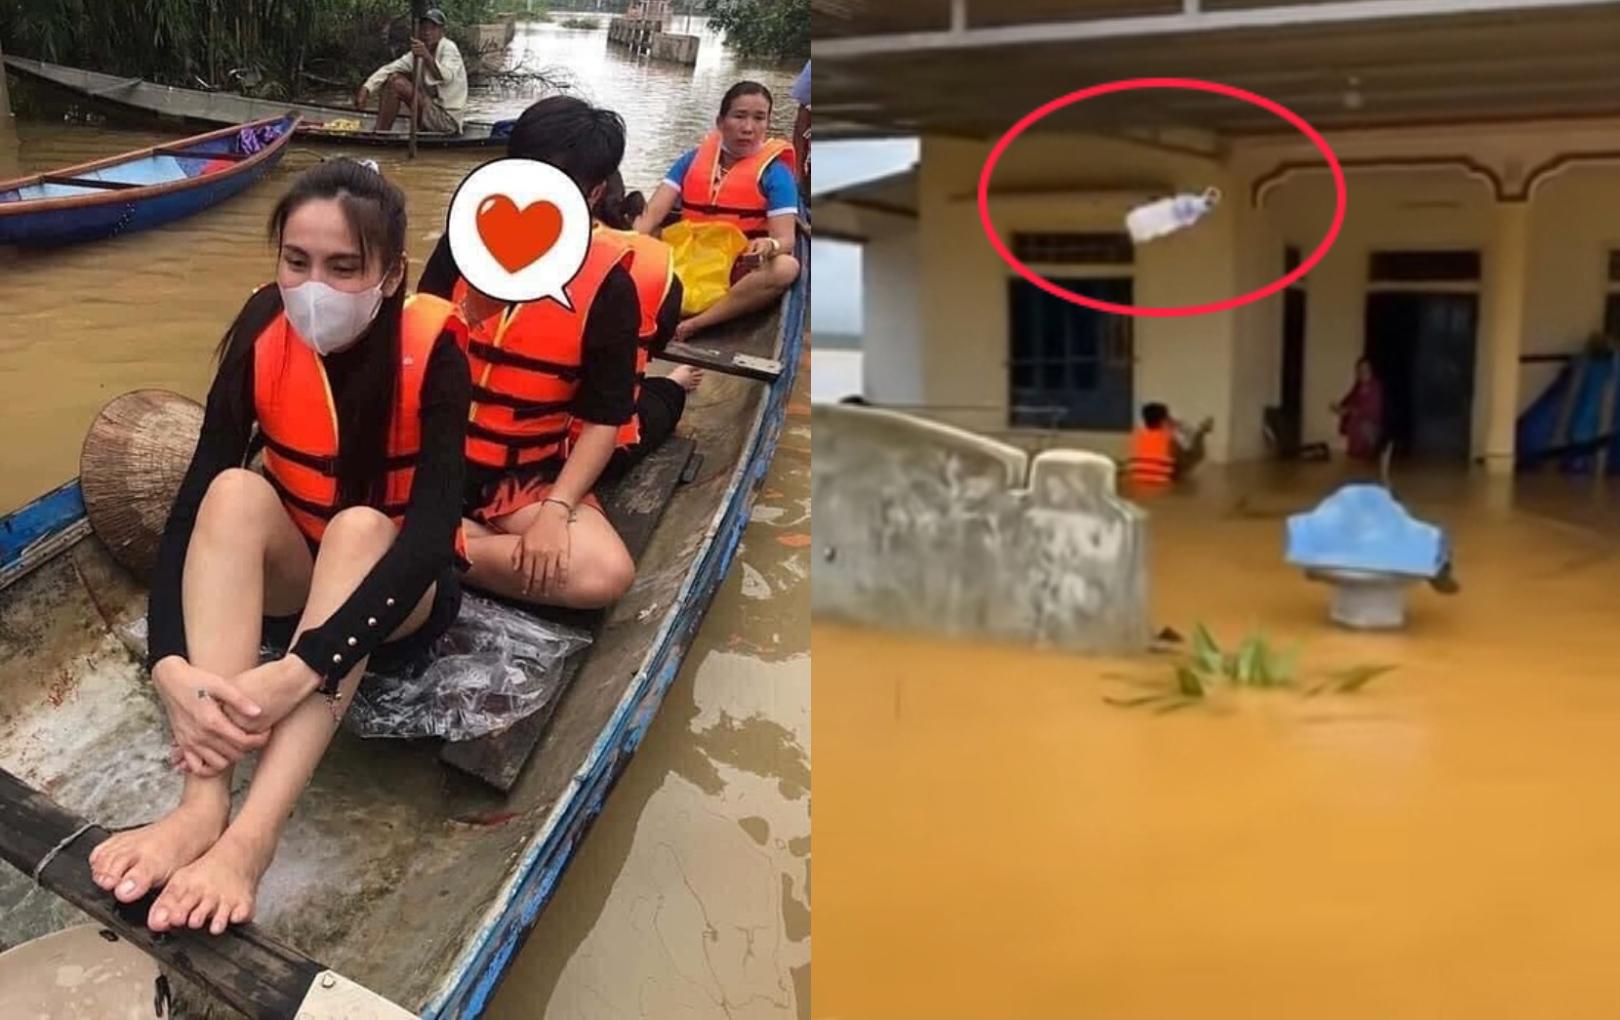 Tranh cãi việc đoàn của Thủy Tiên ném đồ cứu trợ vào nhà dân, netizen lên tiếng bênh vực